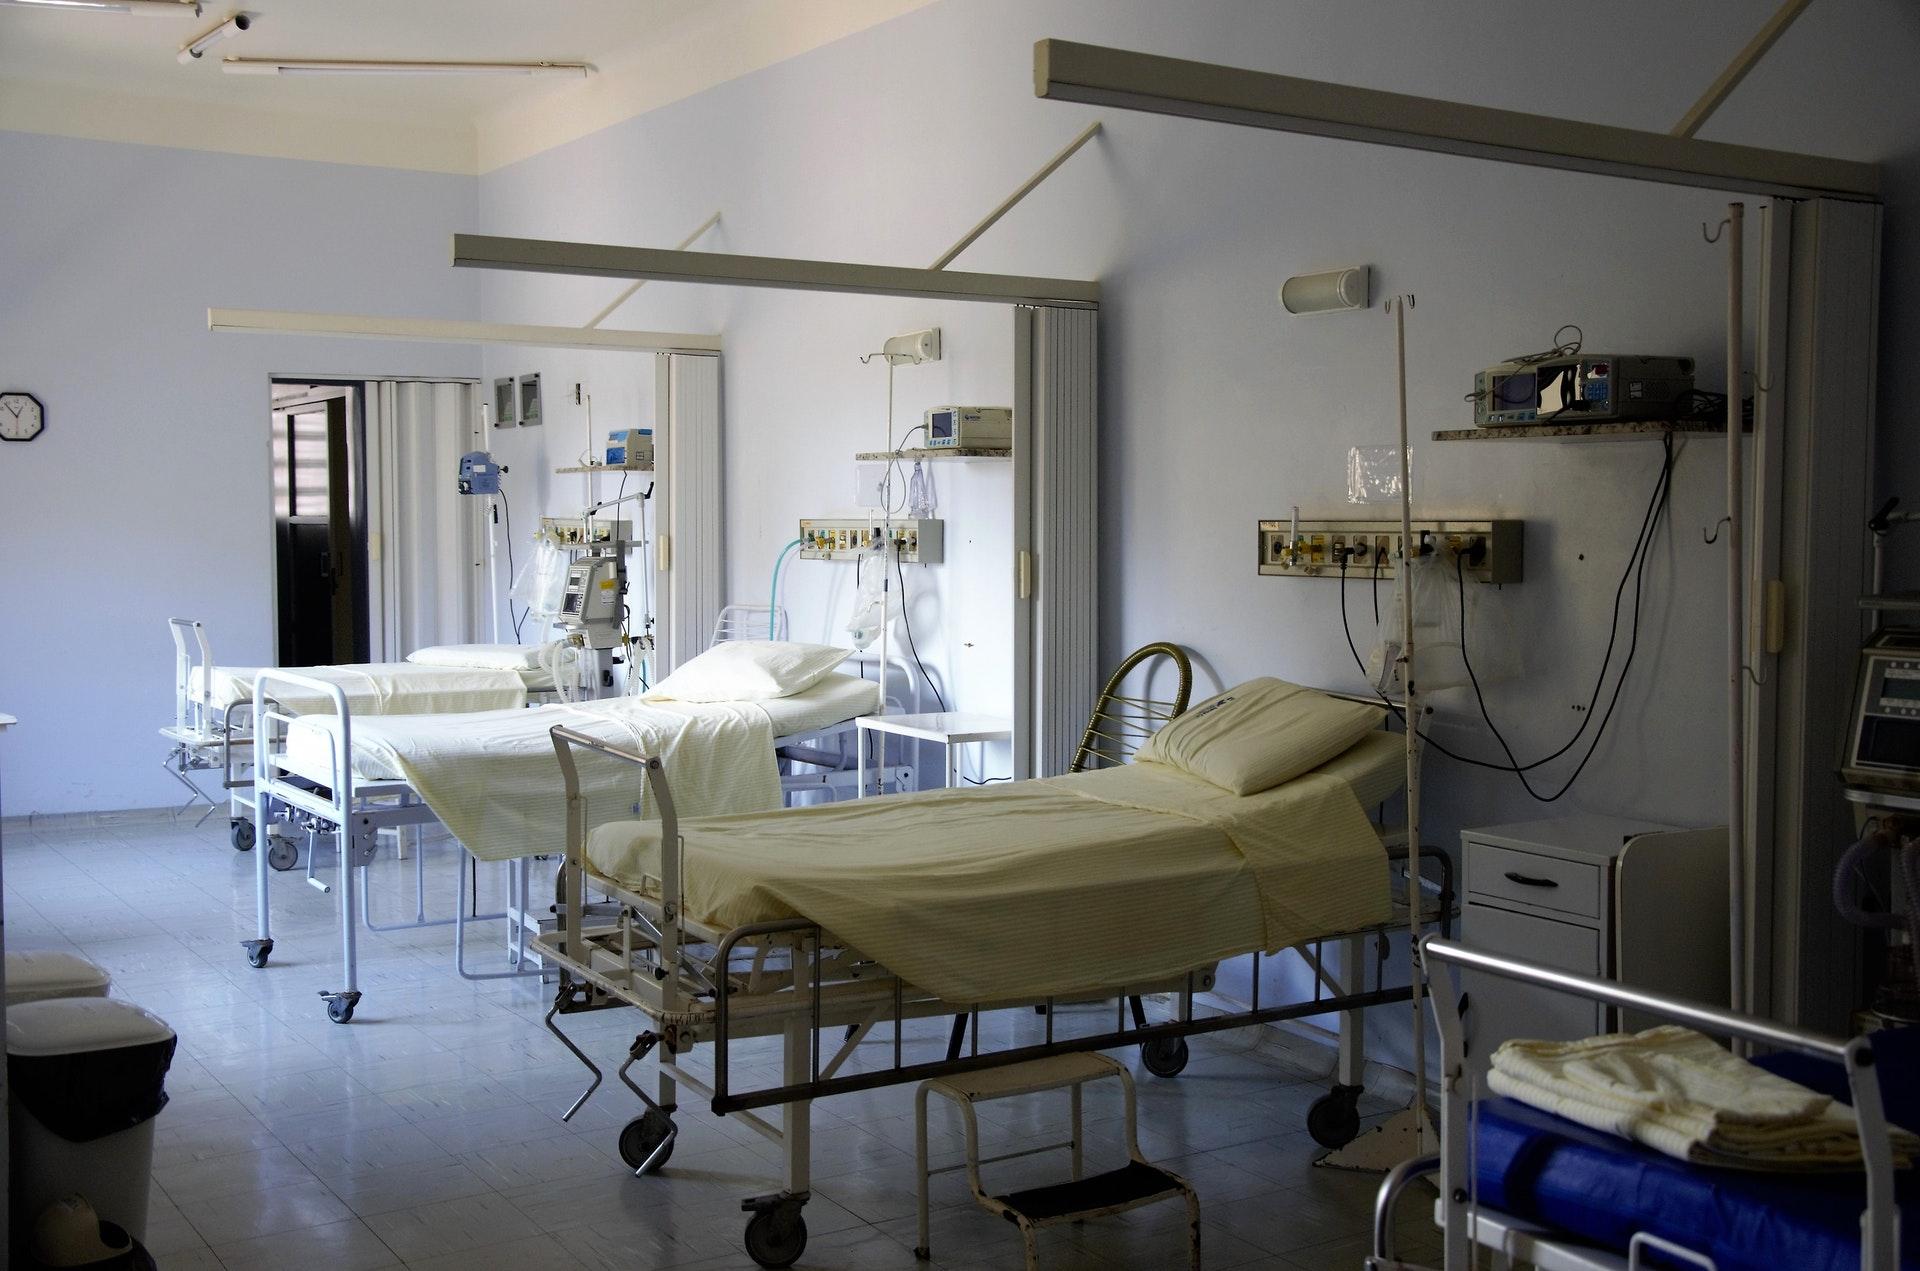 Sairaalahuone, jossa on vuodepaikkoja